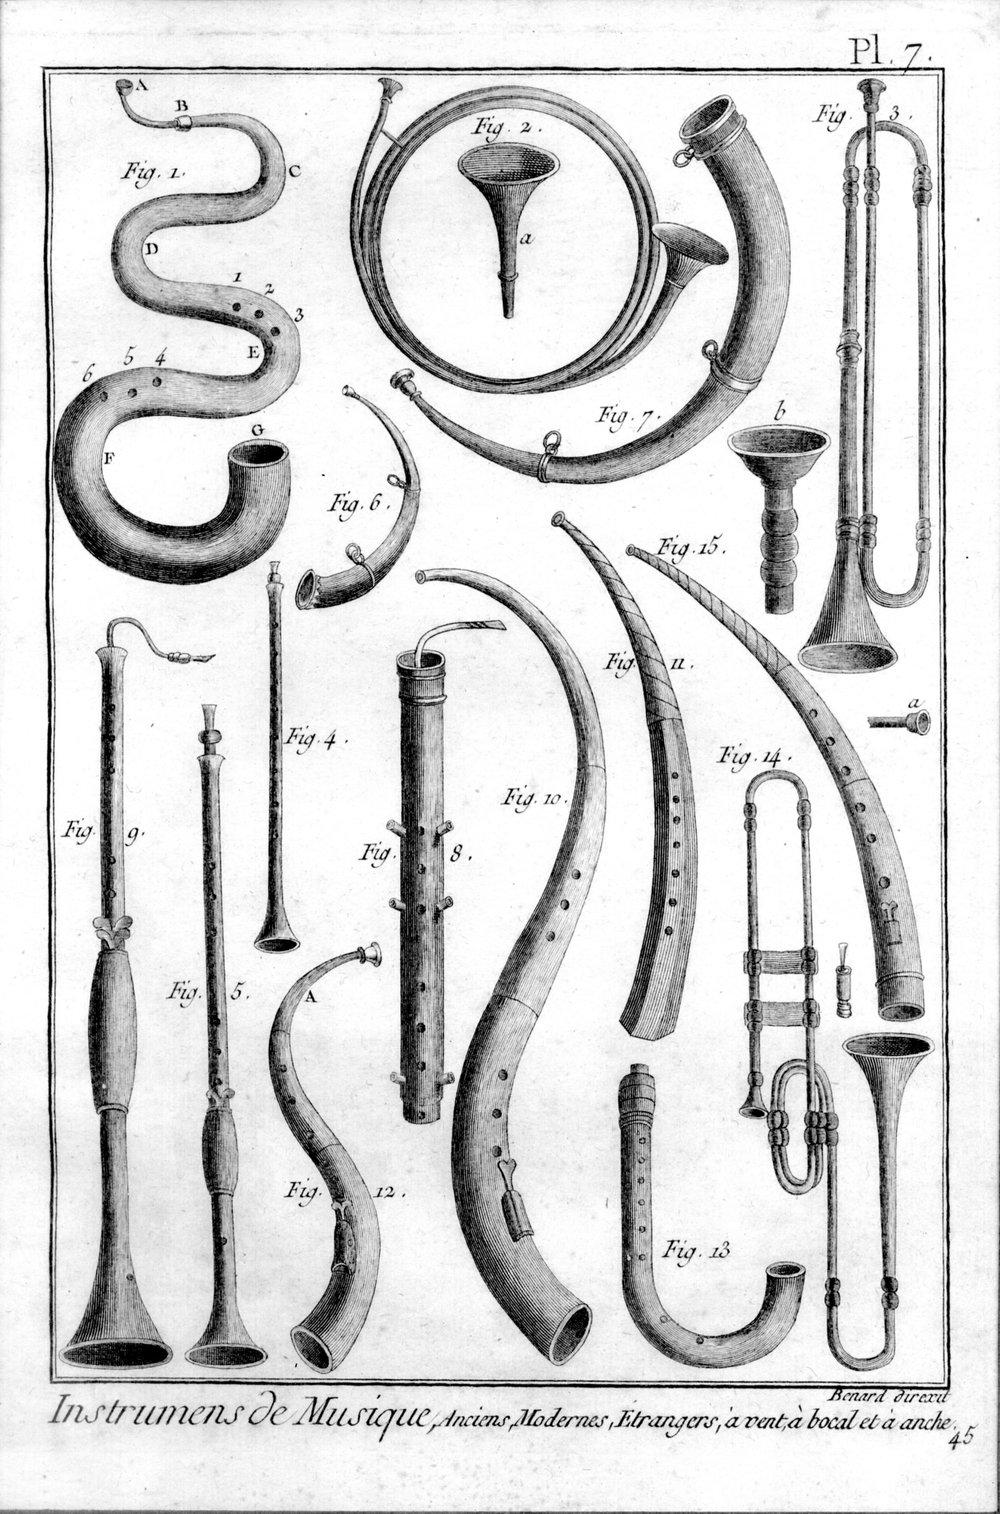 Didérot, Encyclopédie, ou Dictionnaire raisonné des sciences, des arts et des métiers…, 1751-72